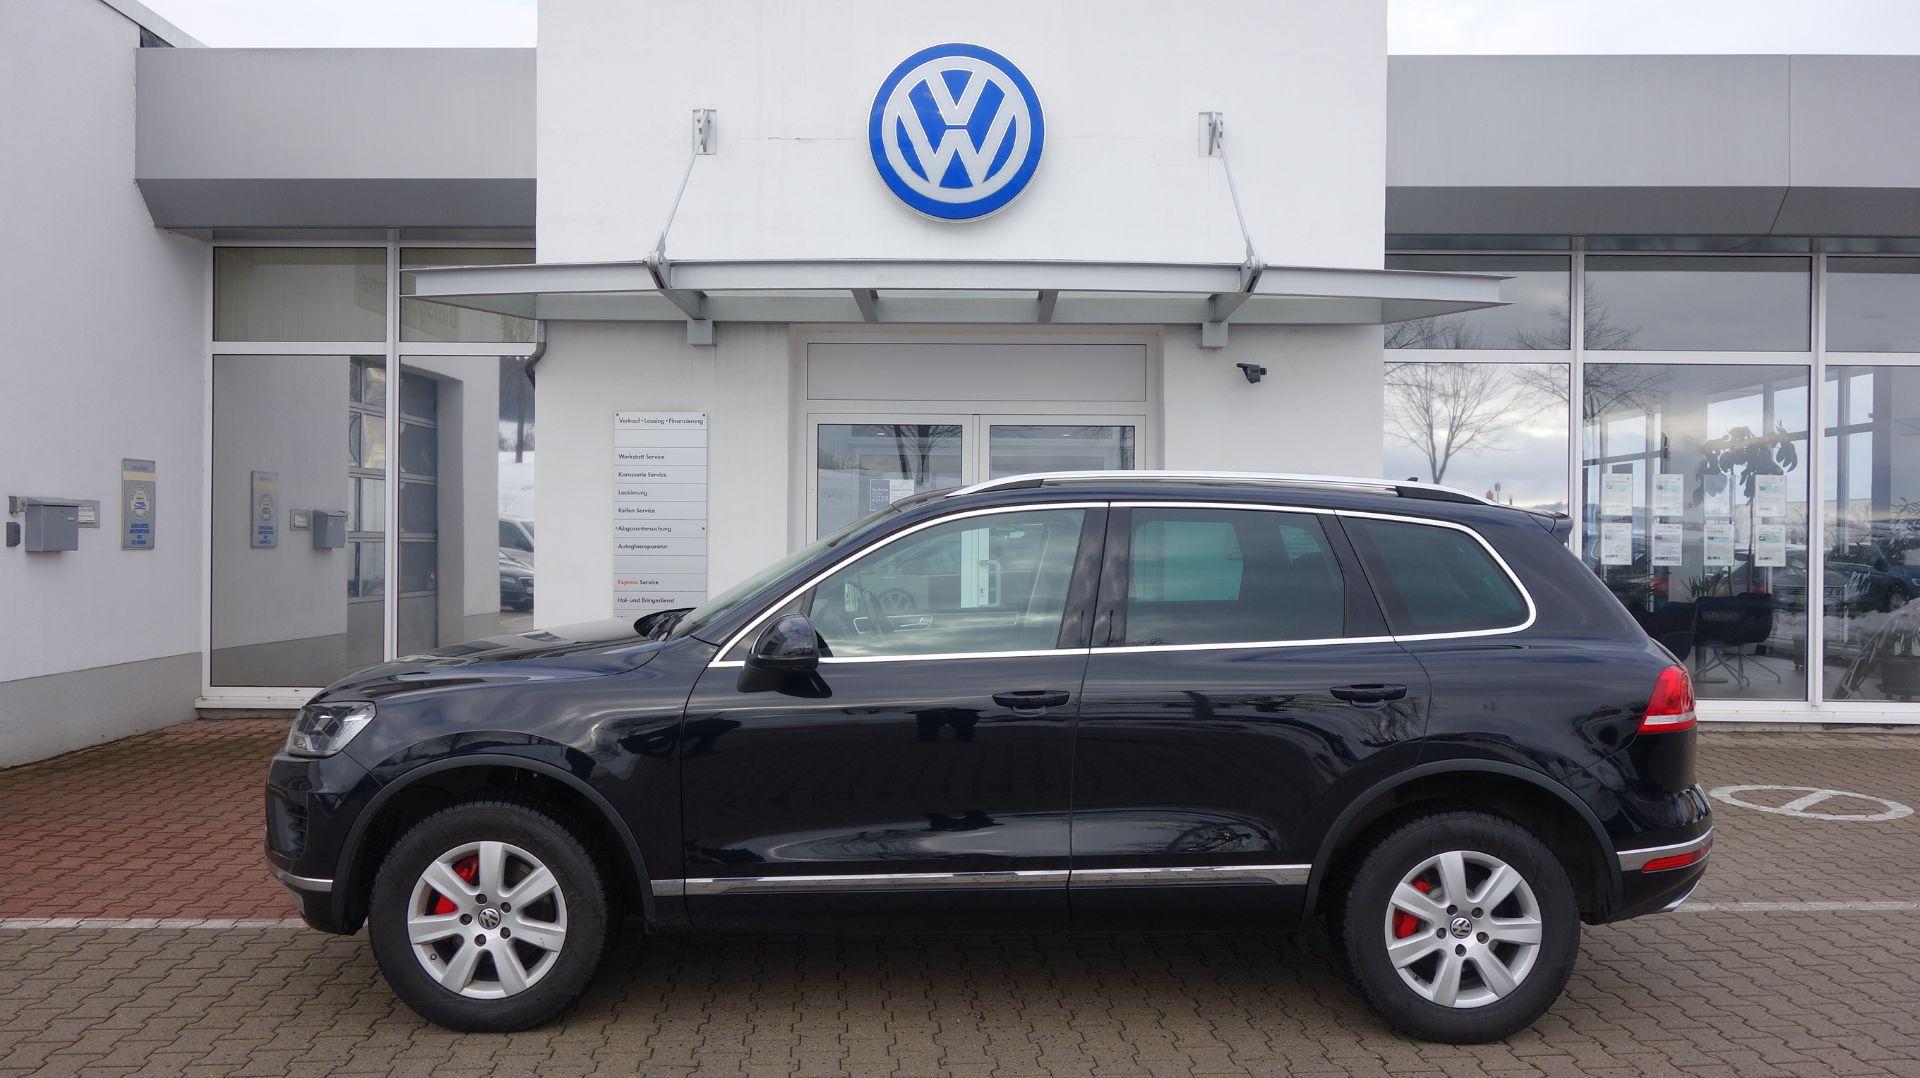 Volkswagen Touareg V6 3.0 TDI 4-Motion, Jahr 2015, Diesel